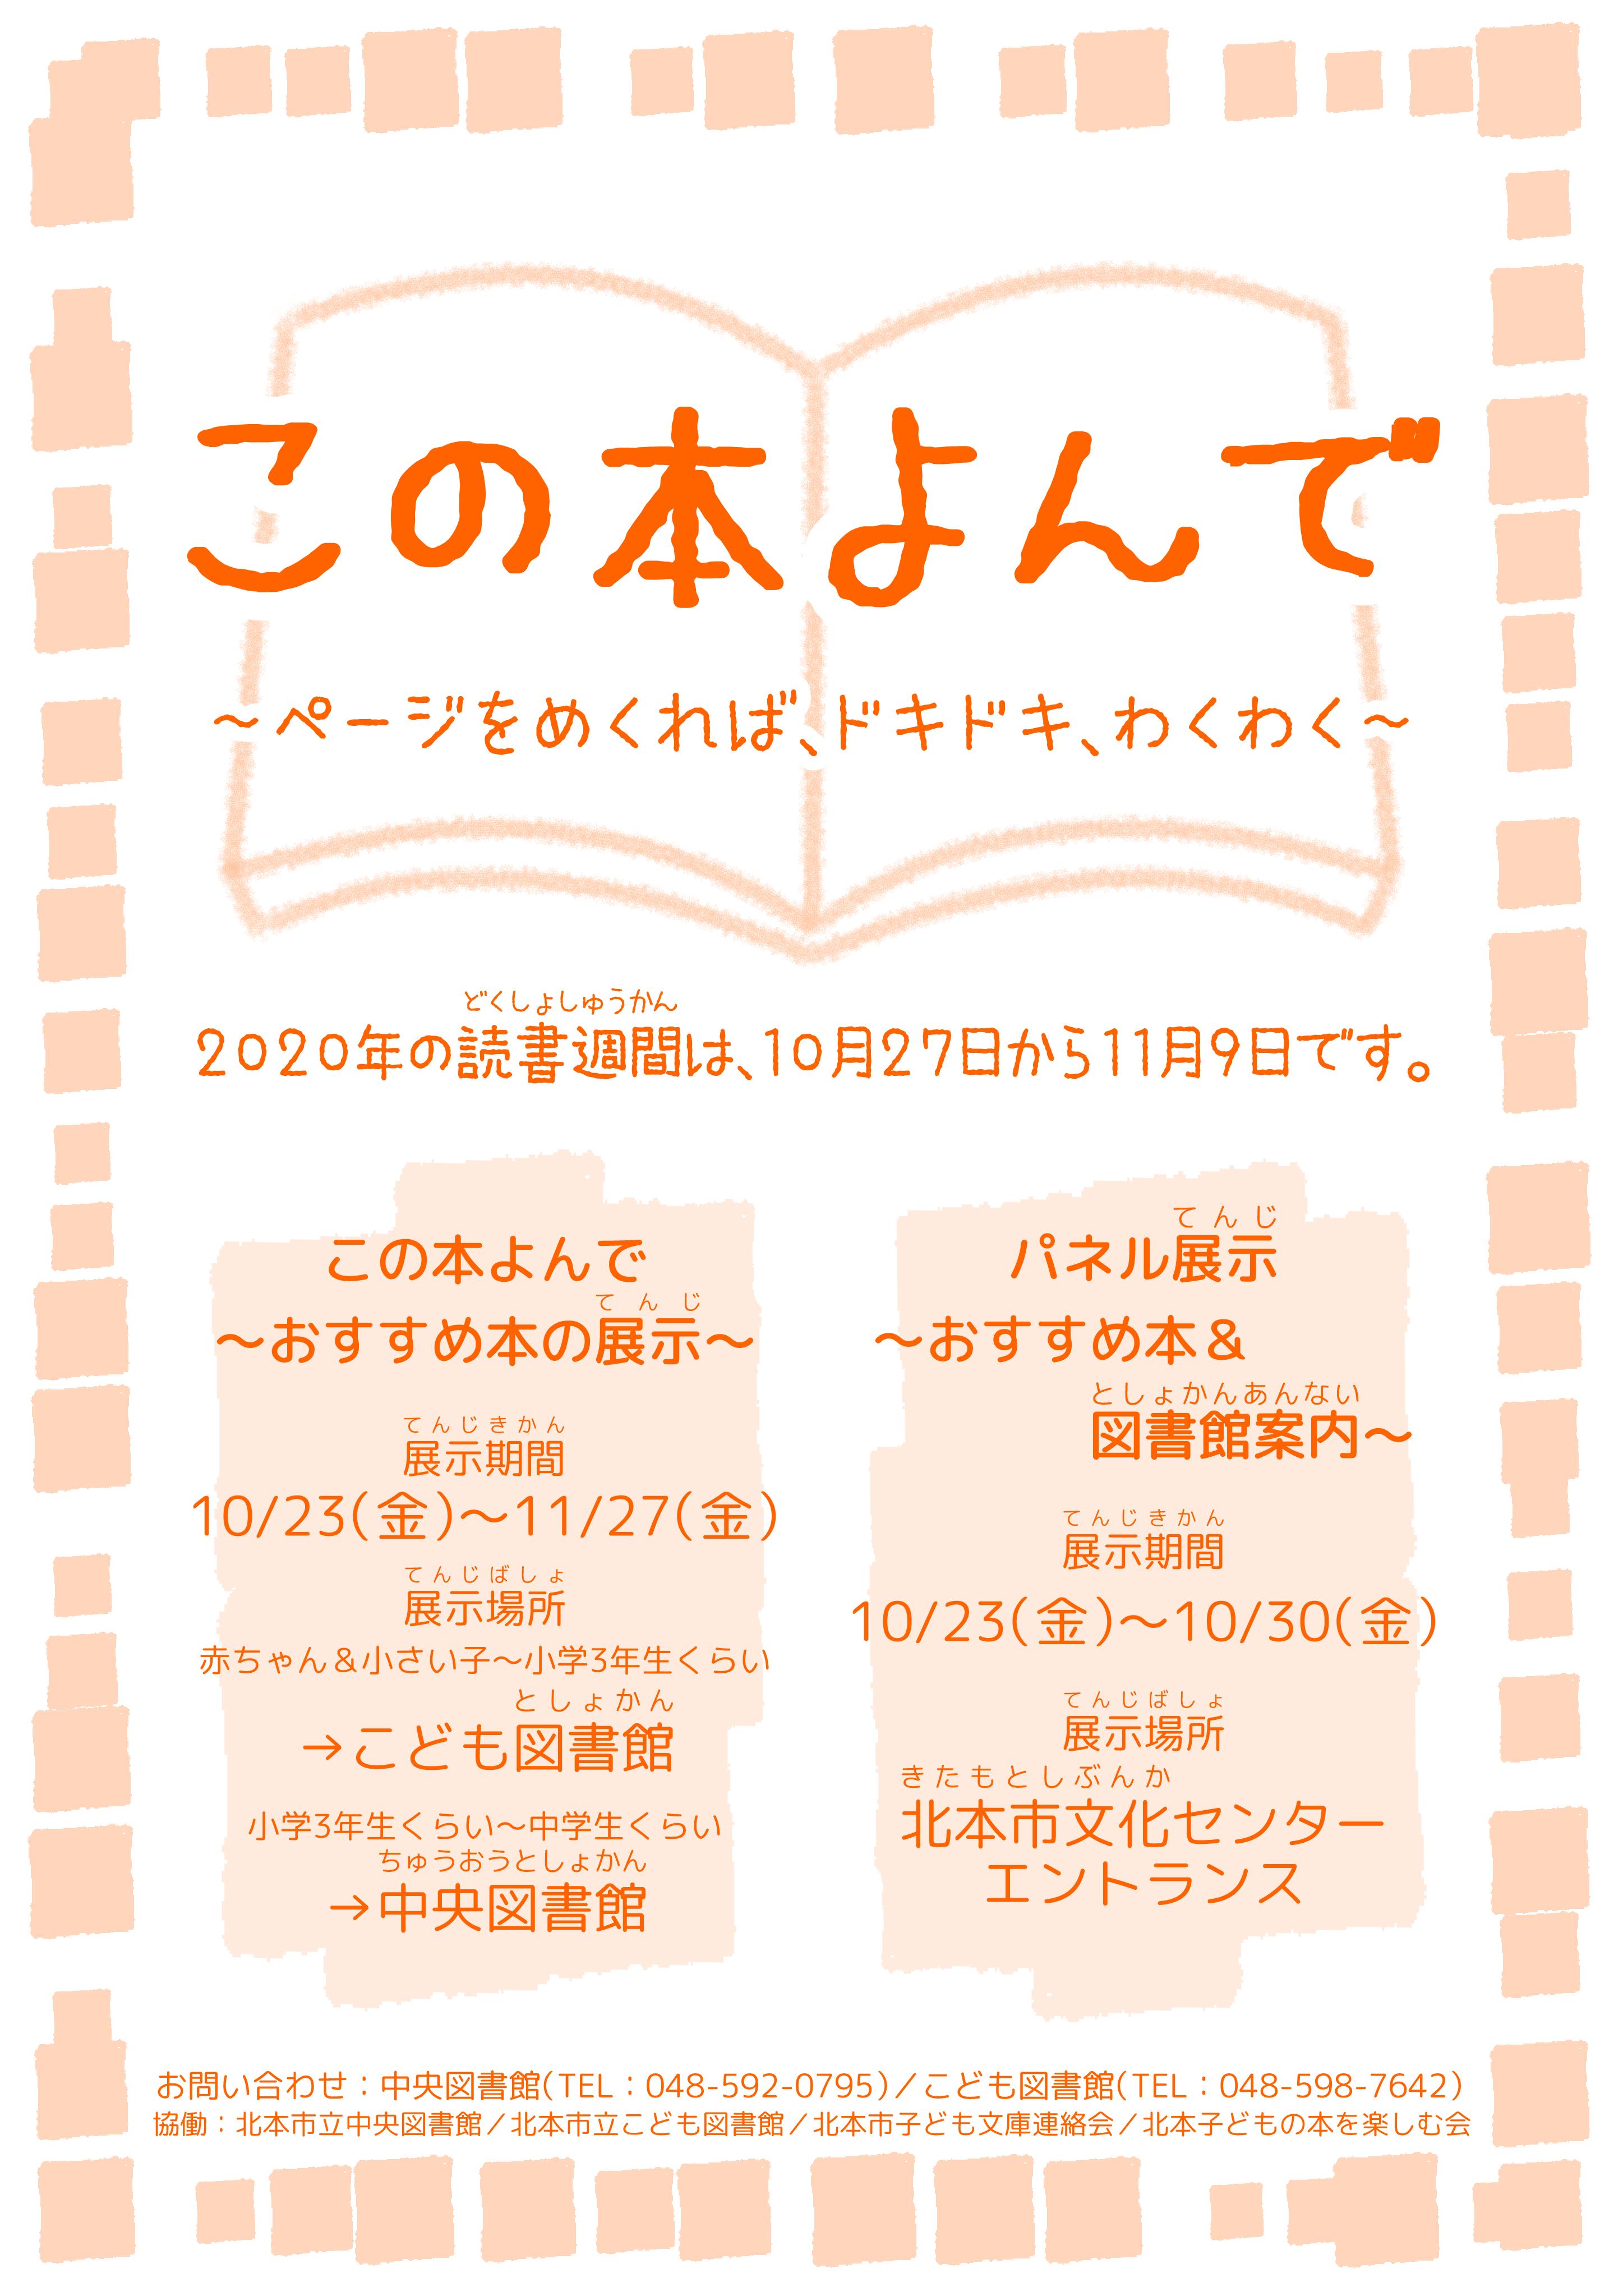 「この本よんで」ポスター